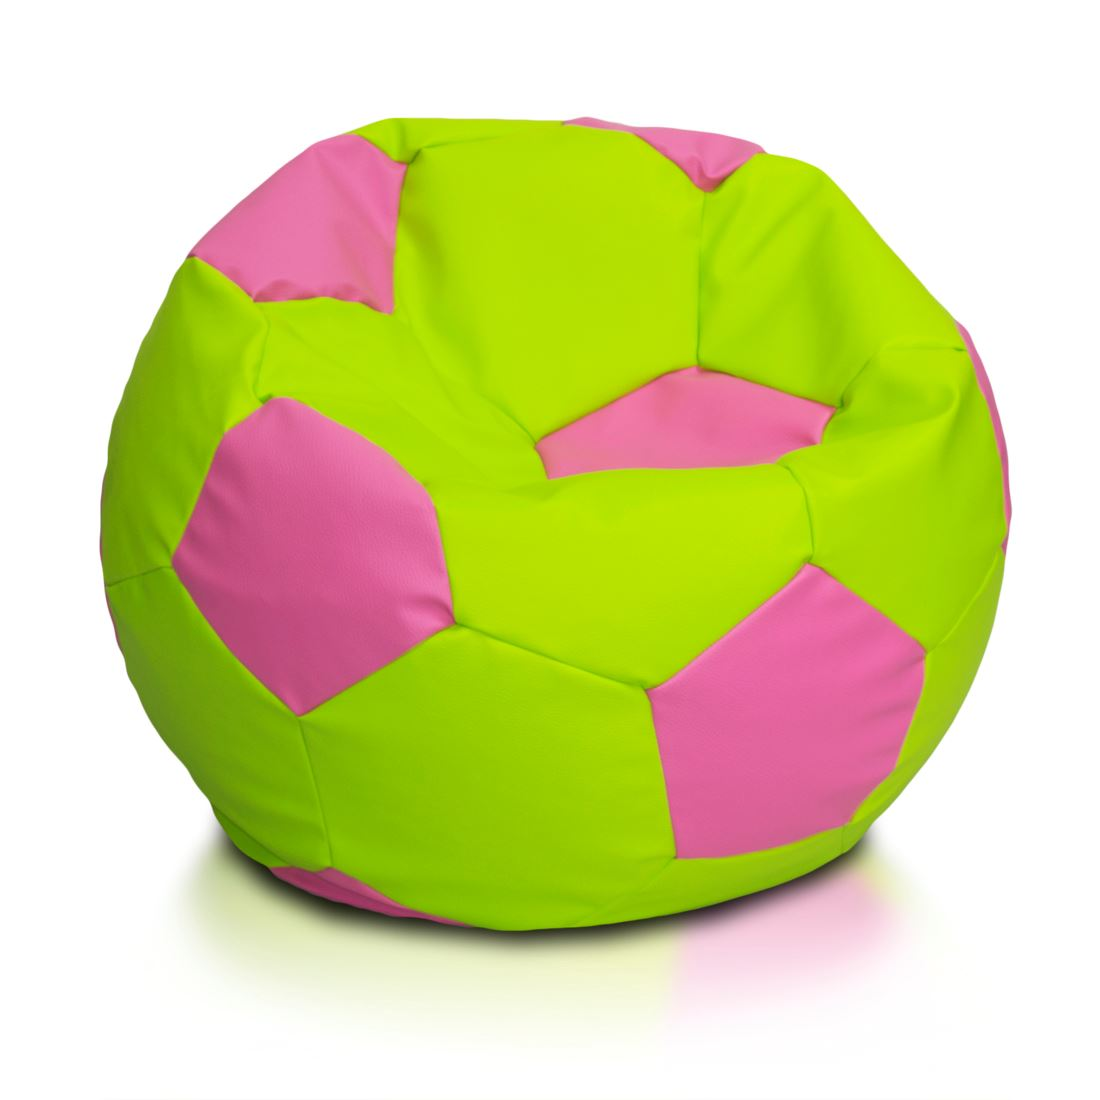 Sedací vak Fotbalový míč barevný vel.S - Eko kůže Světle zelená